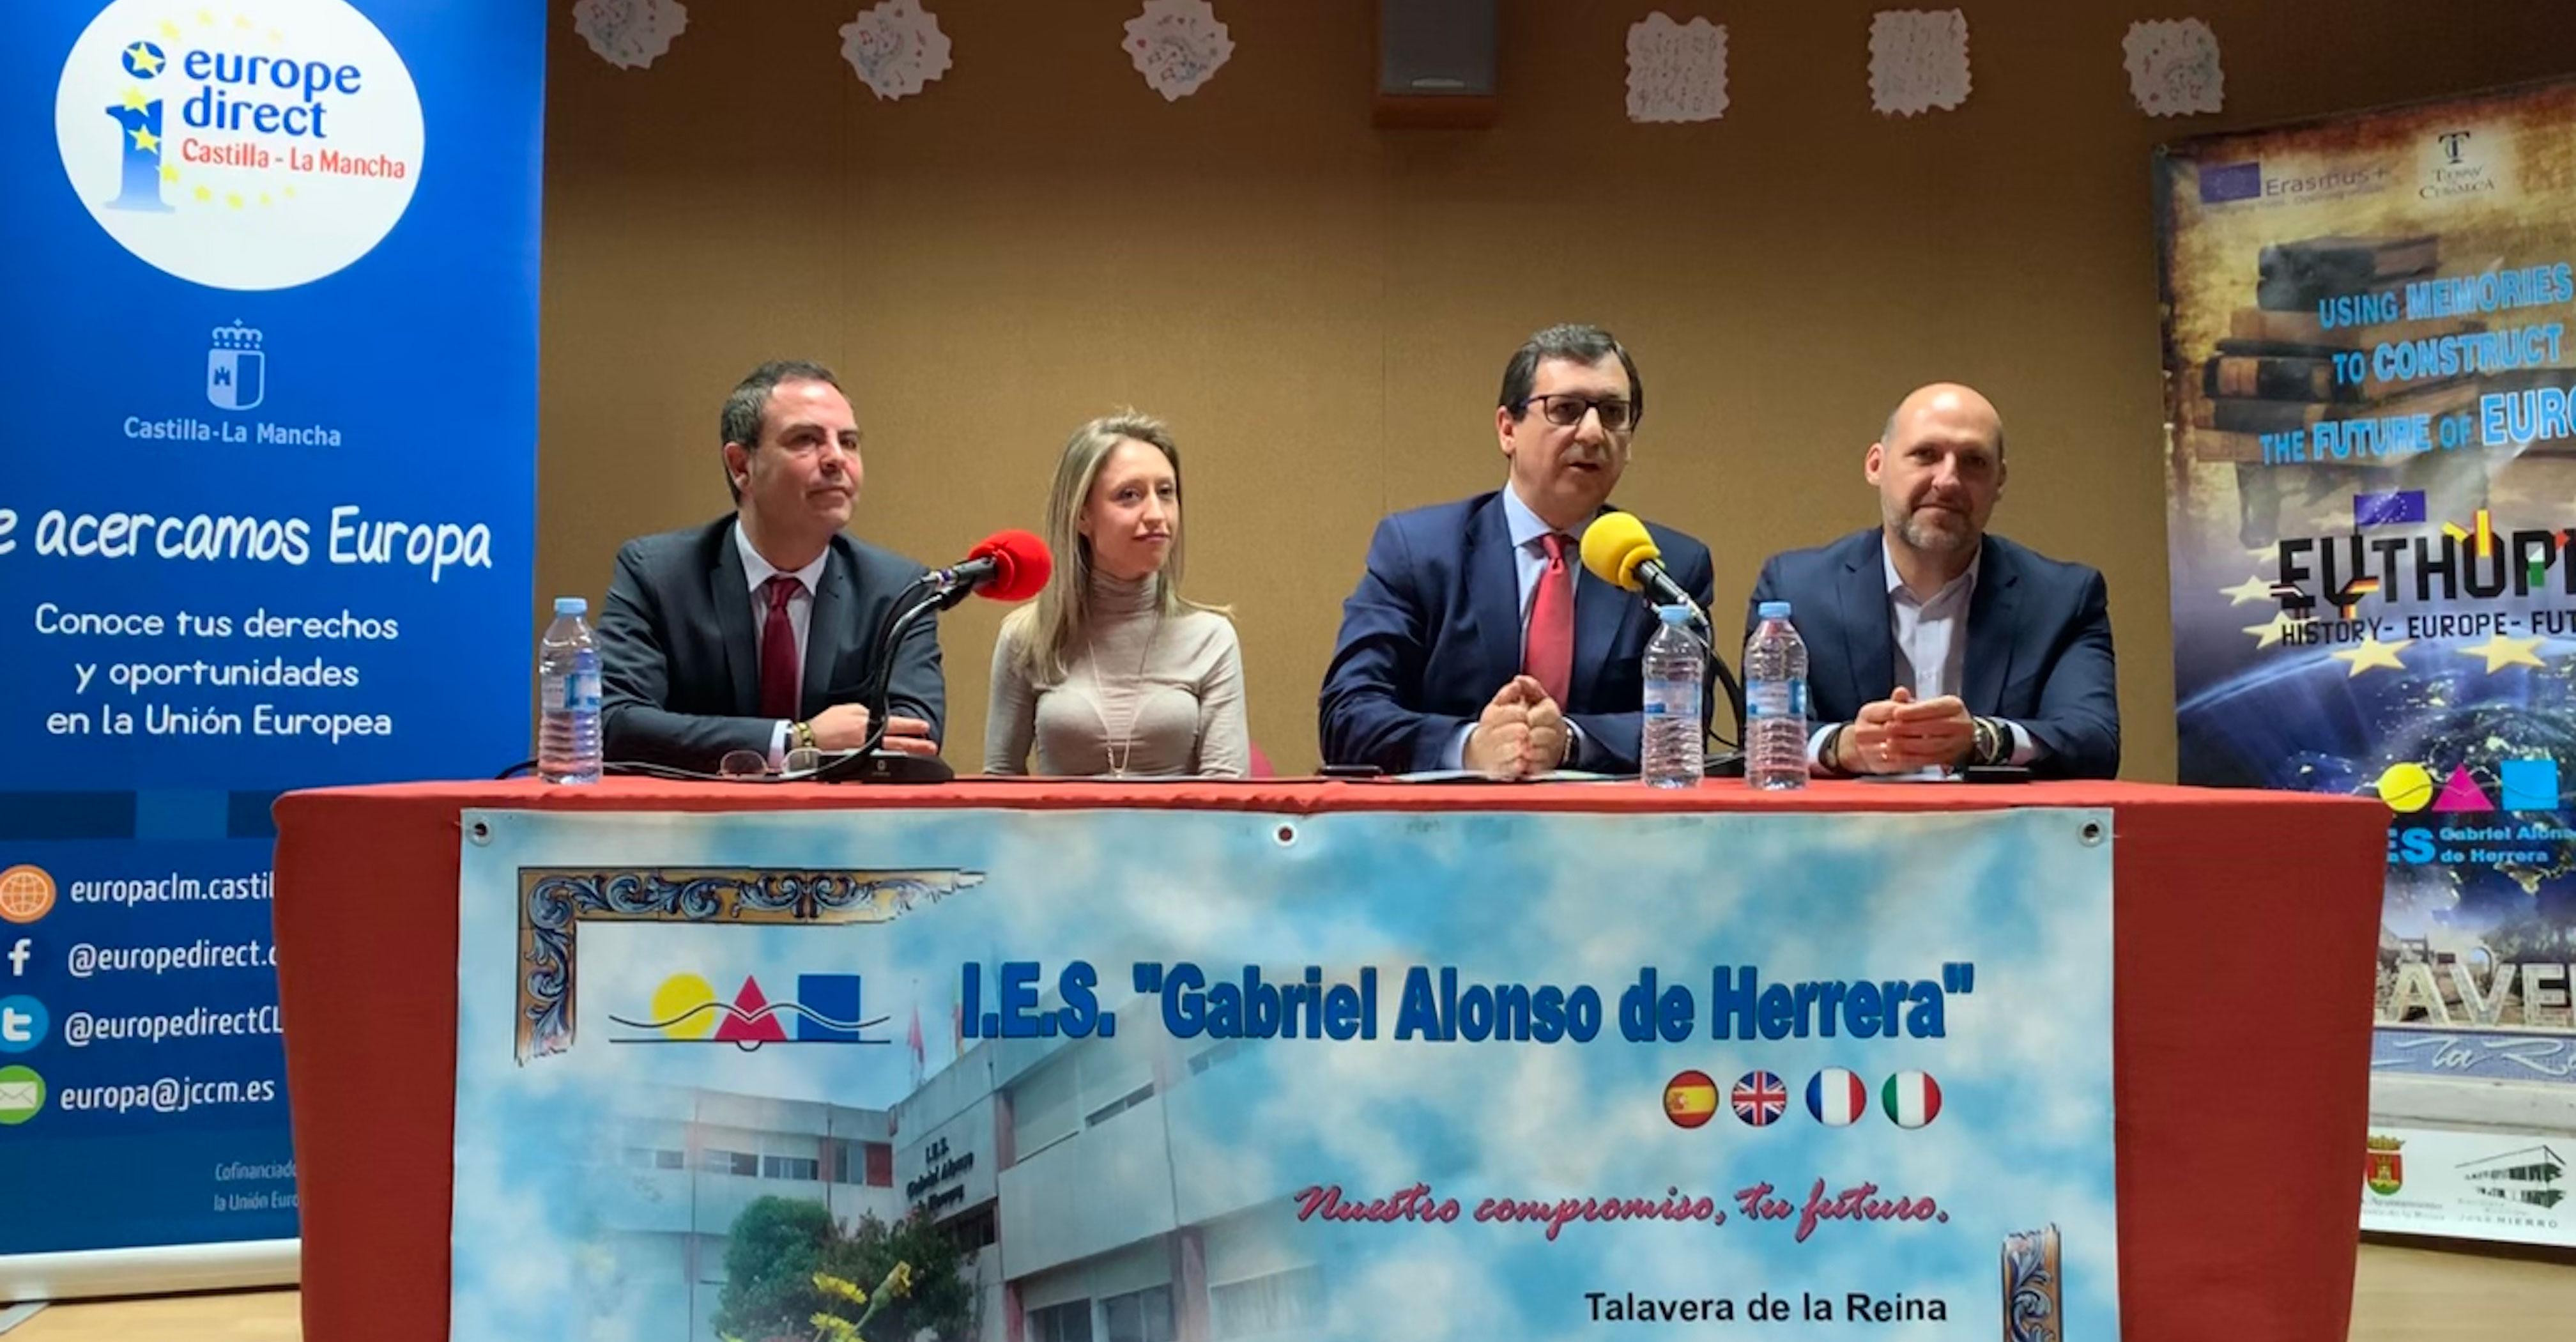 El Gobierno regional acerca 'El arte de crear Europa' a los alumnos del IES 'Gabriel Alonso' de Herrera de Talavera de la Reina